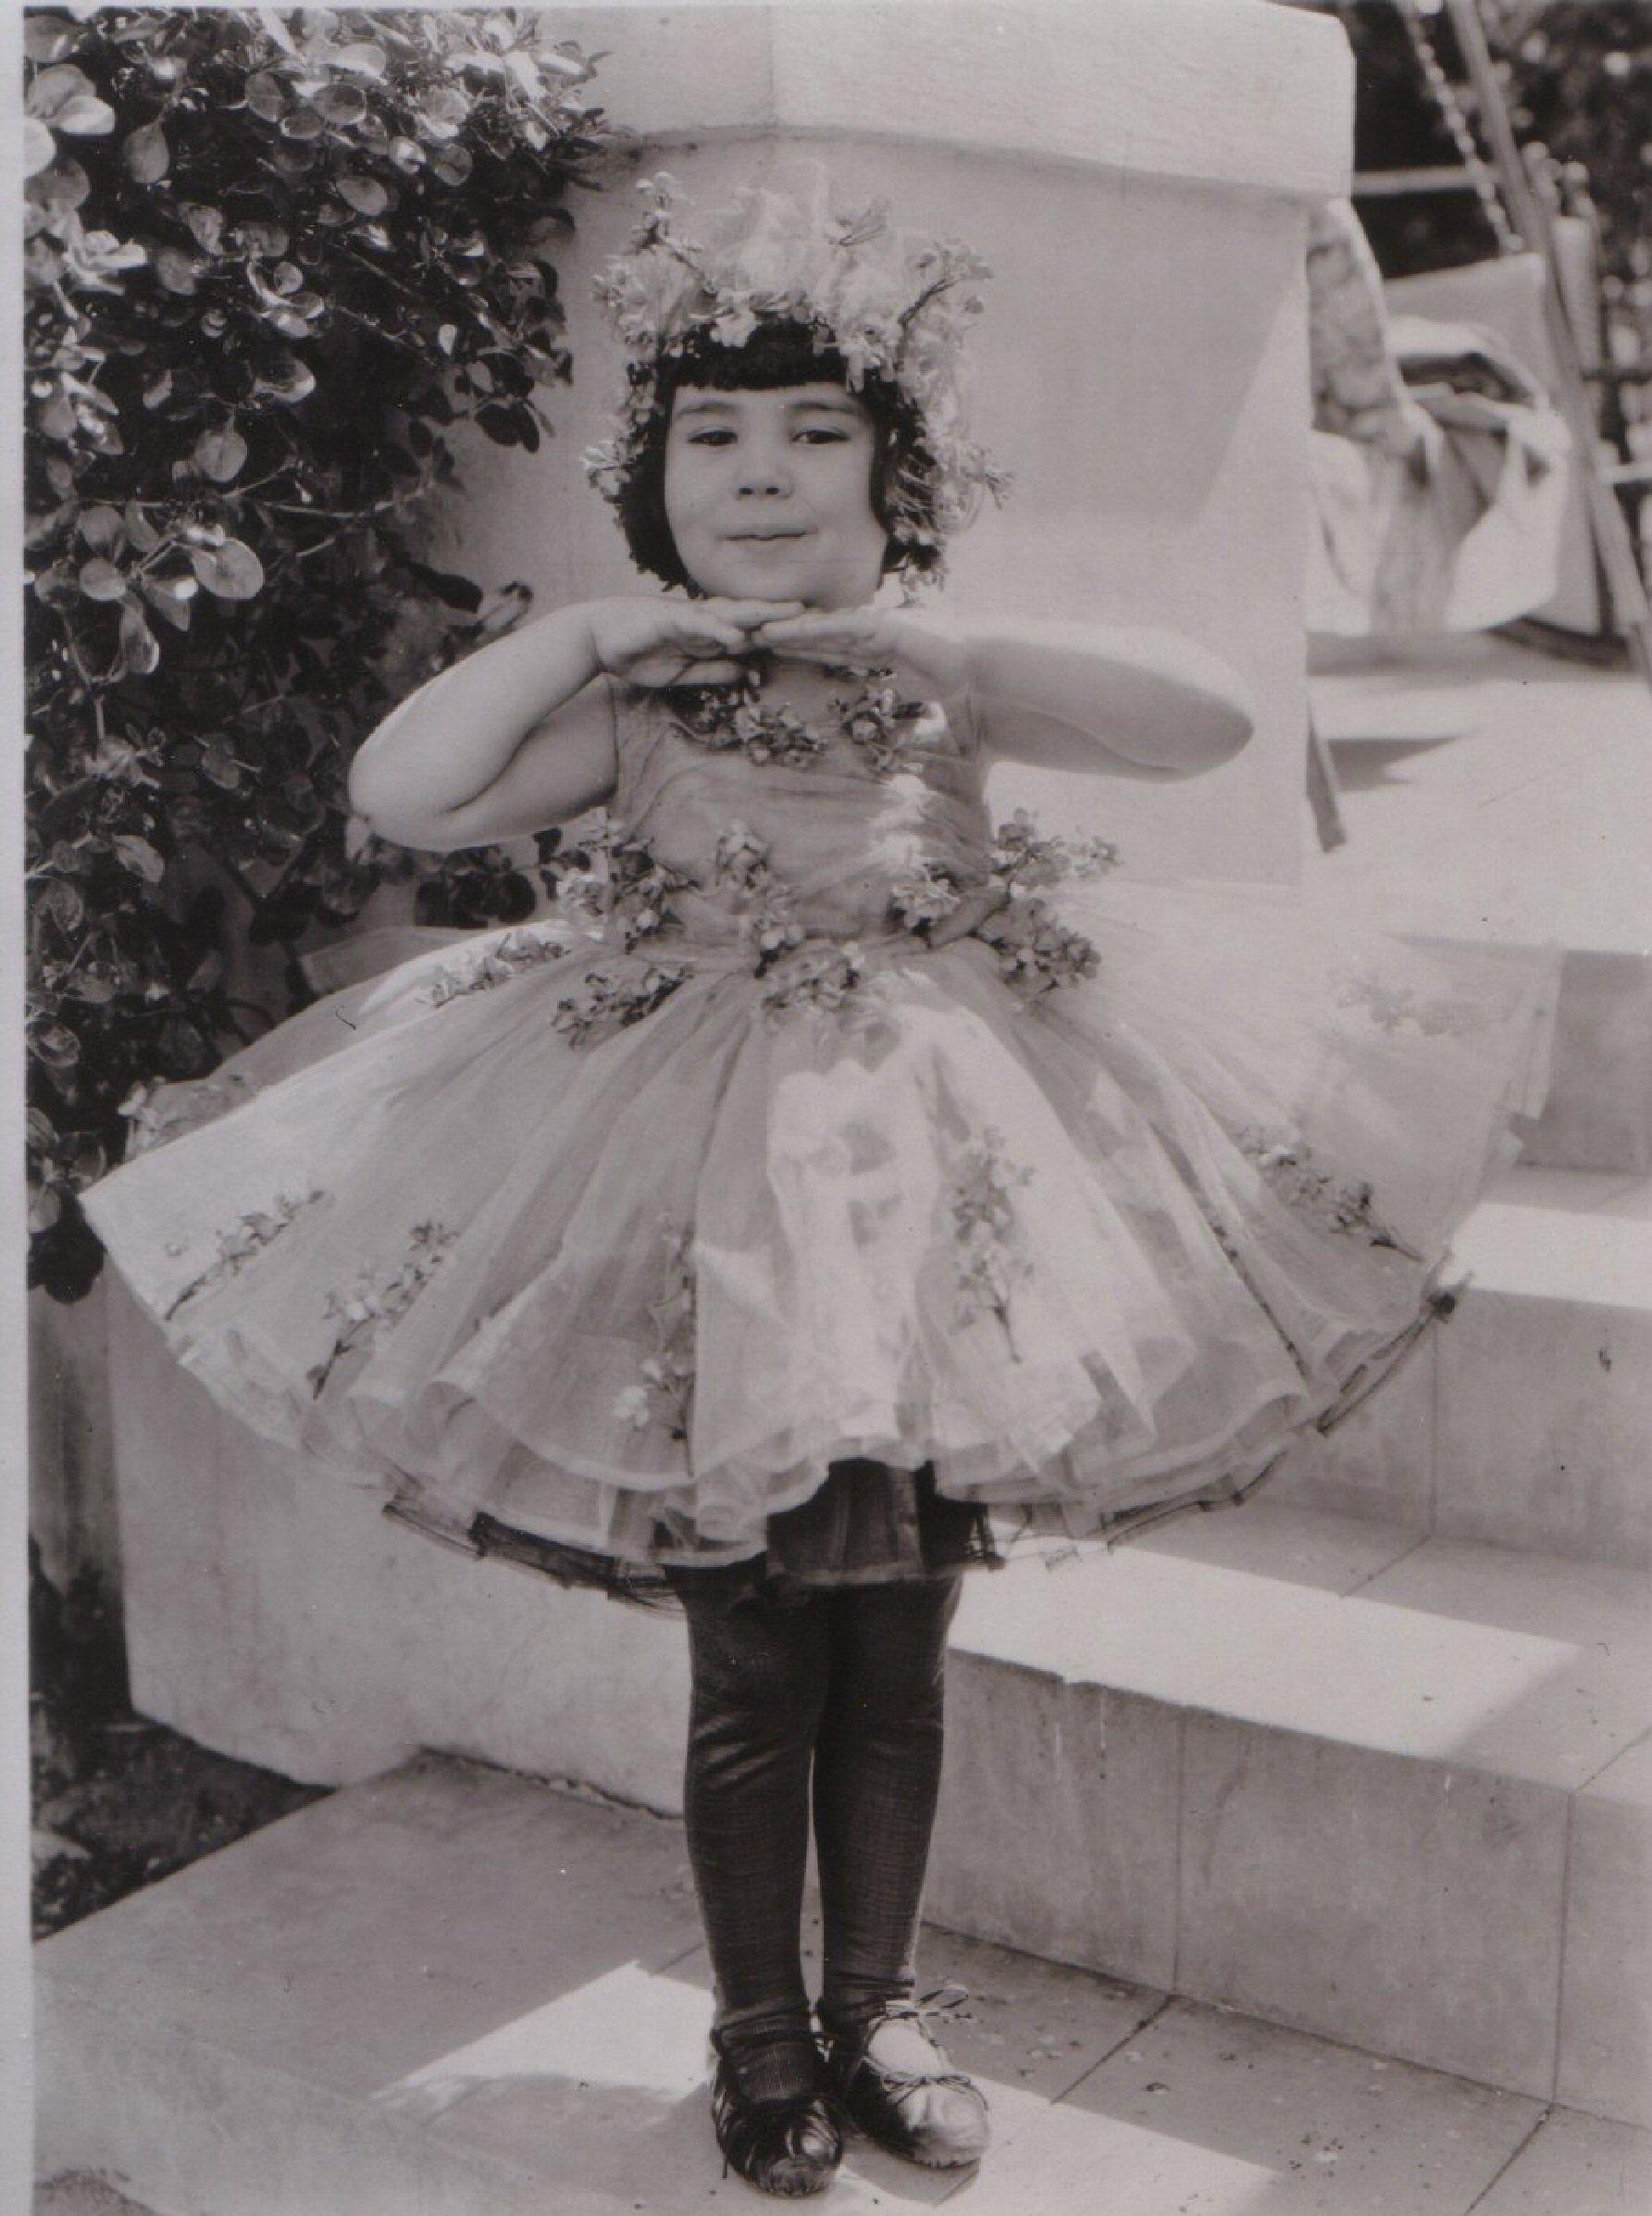 Lee Hwa Sook Erotic picture Jenette Goldstein,Joan Greenwood (1921?987)